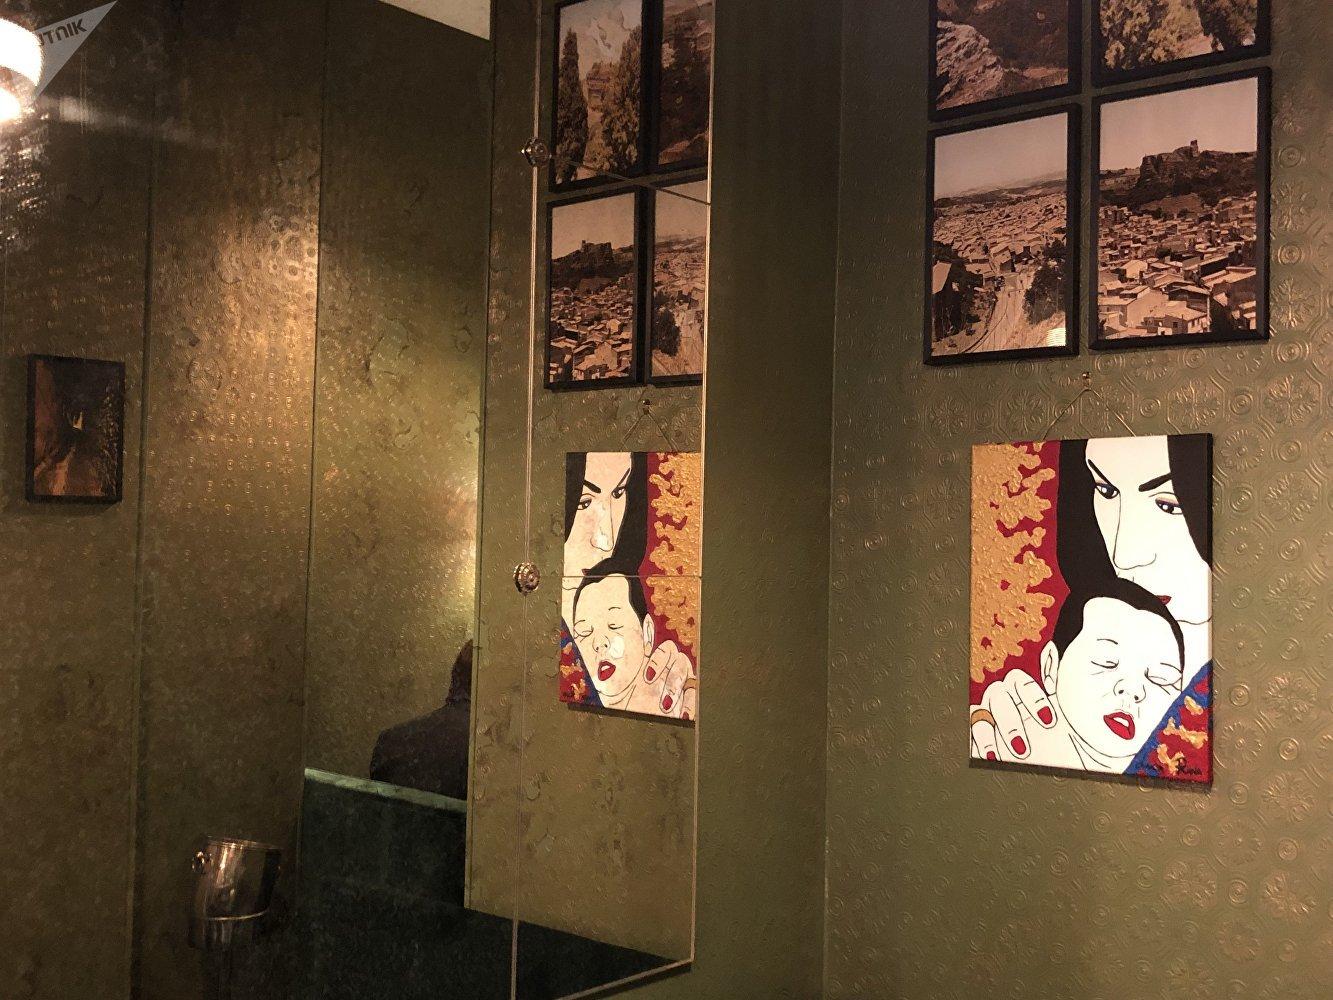 L'intérieur artistique du restaurant «Corleone by Lucia Riina»